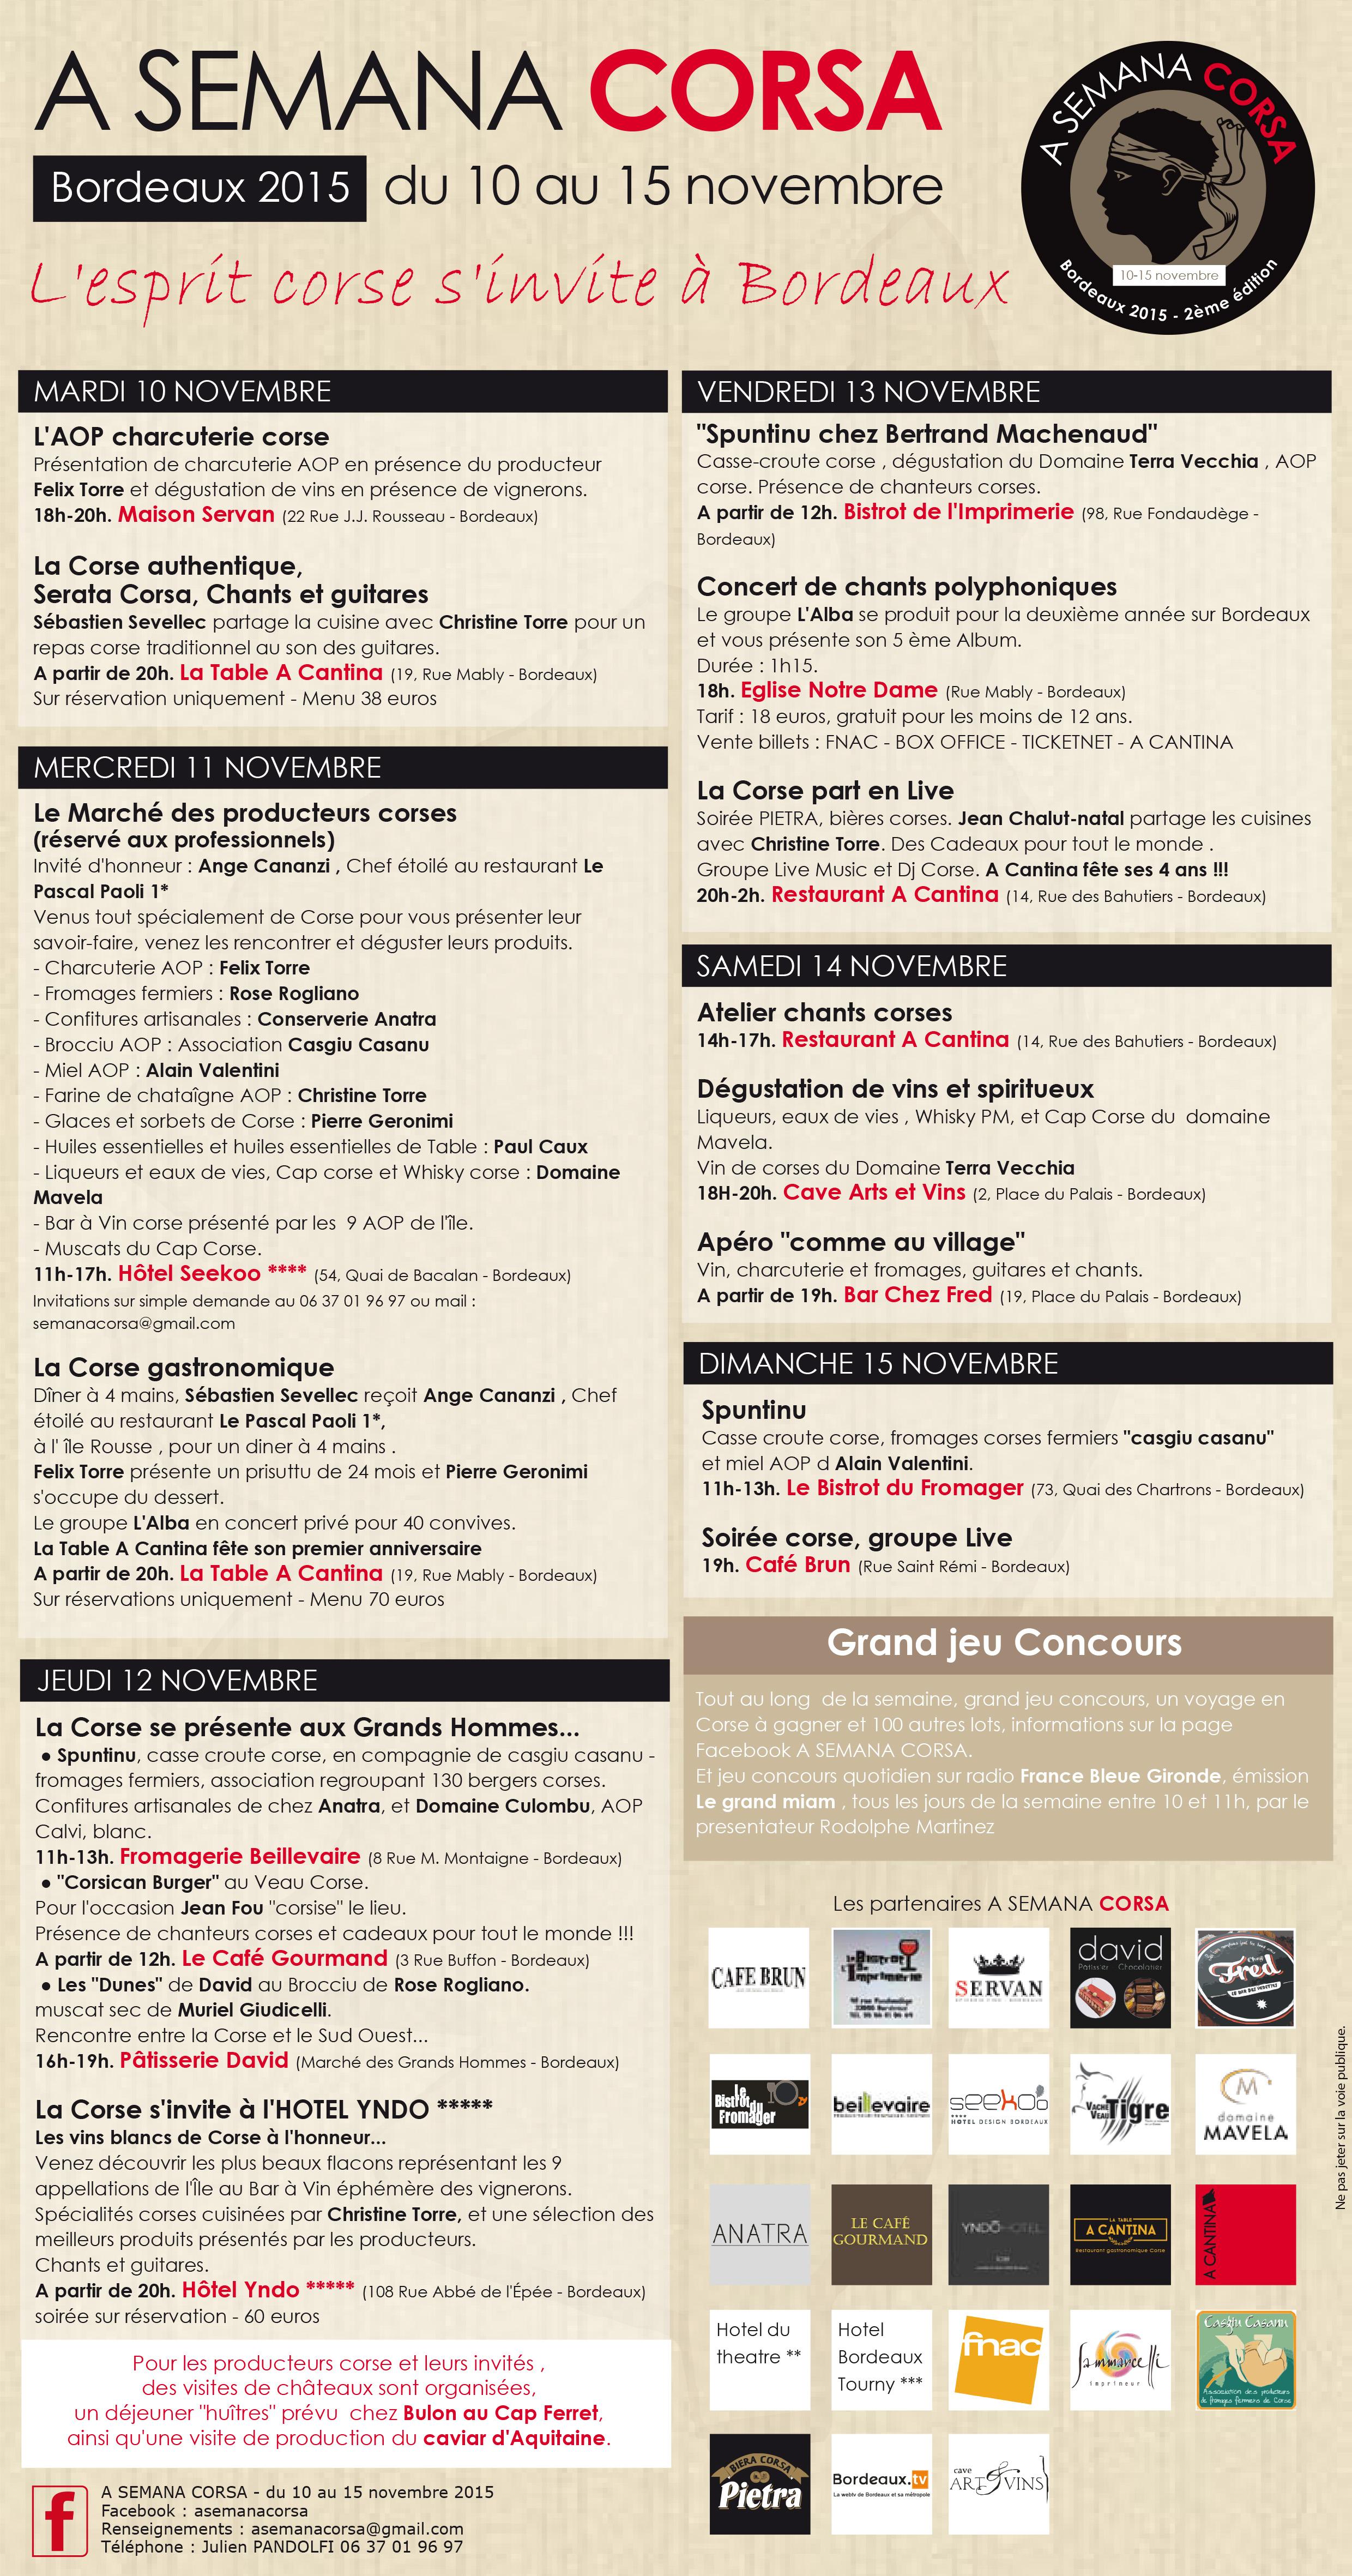 L'esprit corse s'invite à Bordeaux du 10 au 15 novembre